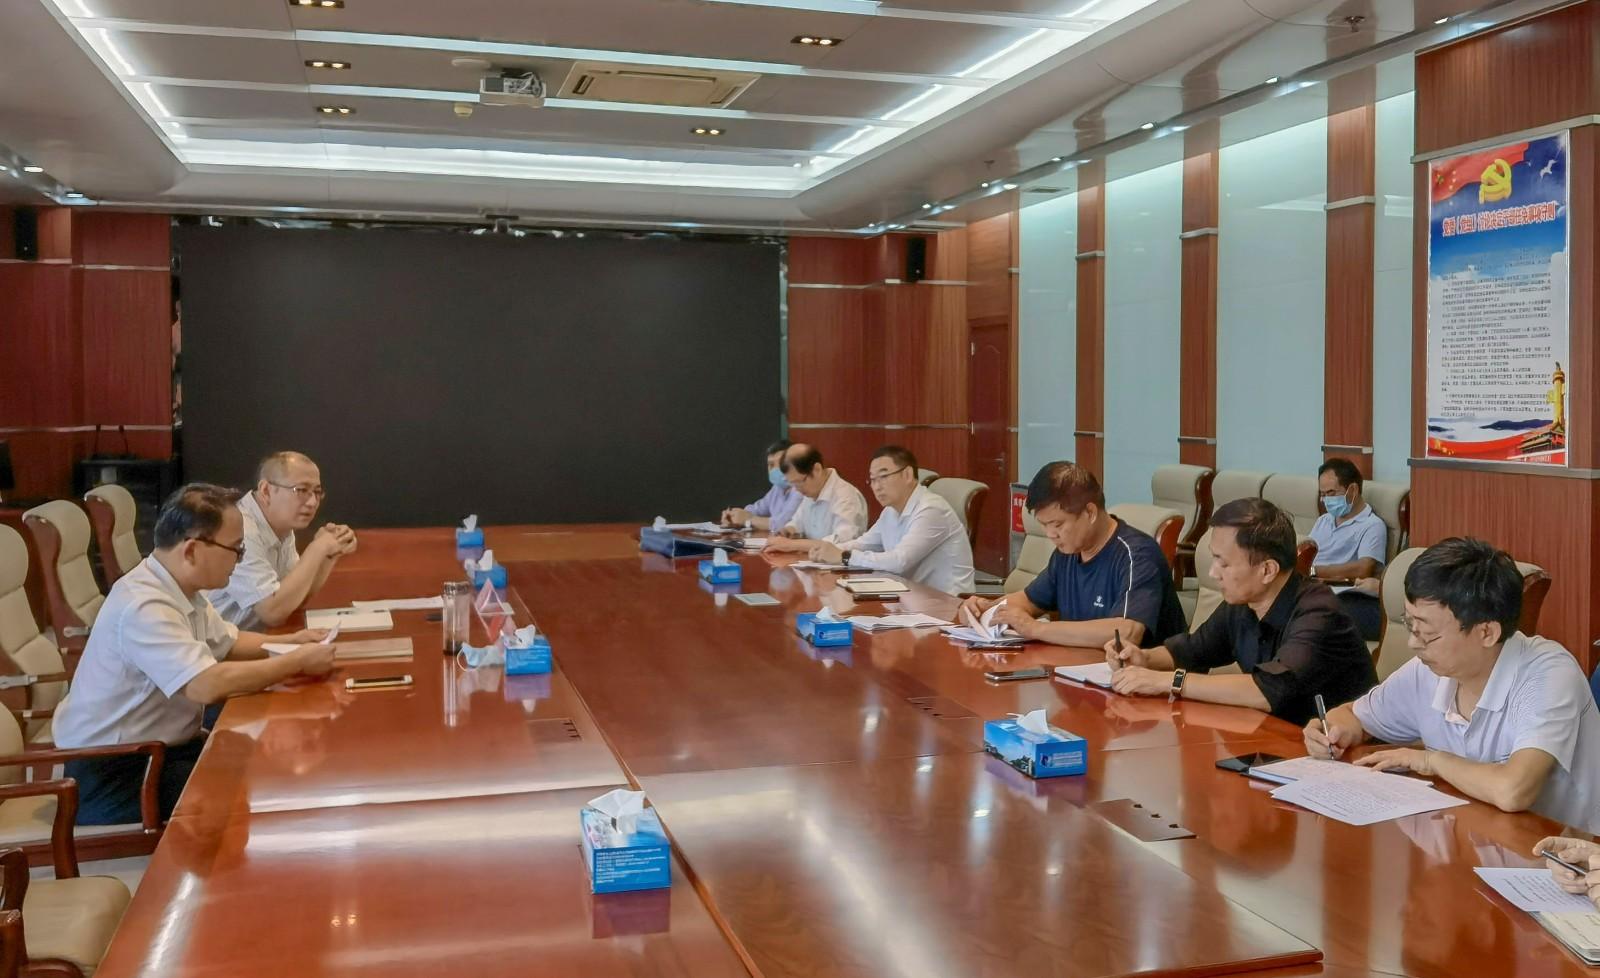 枣庄职业(技师)学院召开迎接国家卫生城市复审工作督导会议